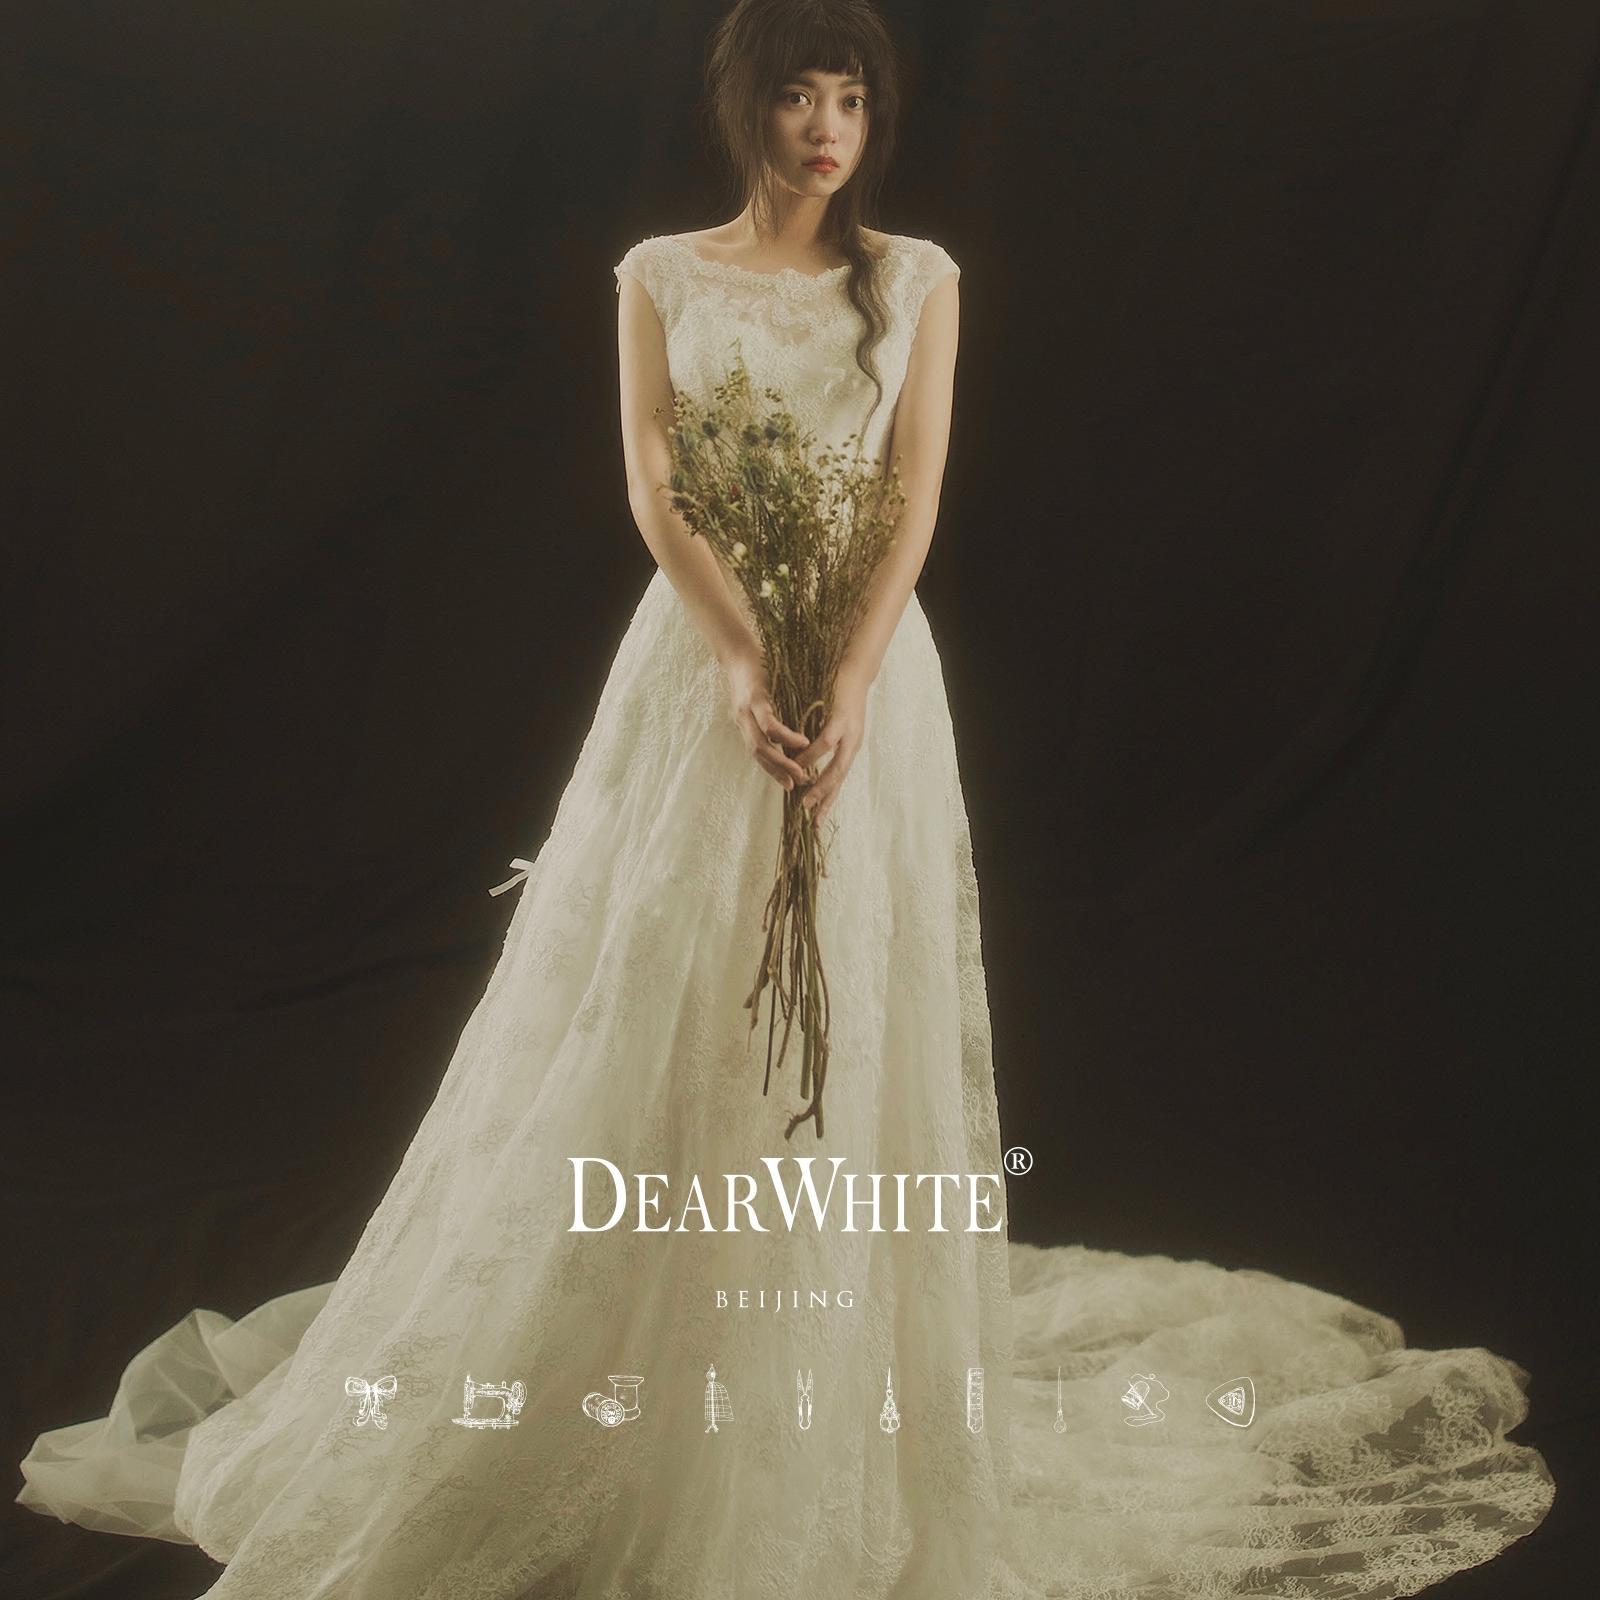 """Близко любовь уайт-плейнс создание подлинного """" цветы «DearWhite свадьба департамент кружево перетащить хвост свадьба"""